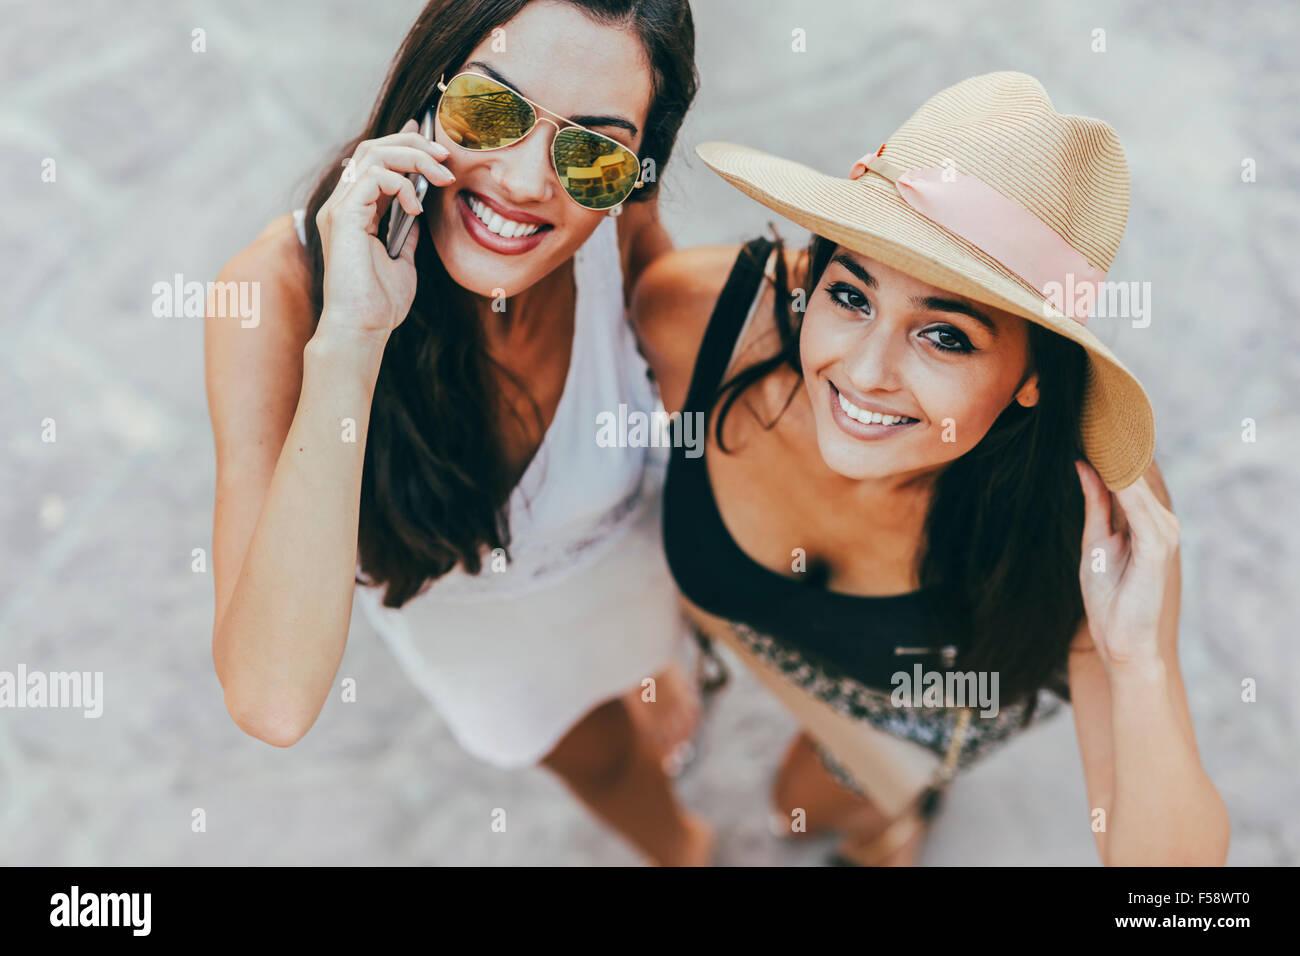 Ritratto di due belle ragazze in abiti estivi sorridente e parlando al telefono Immagini Stock